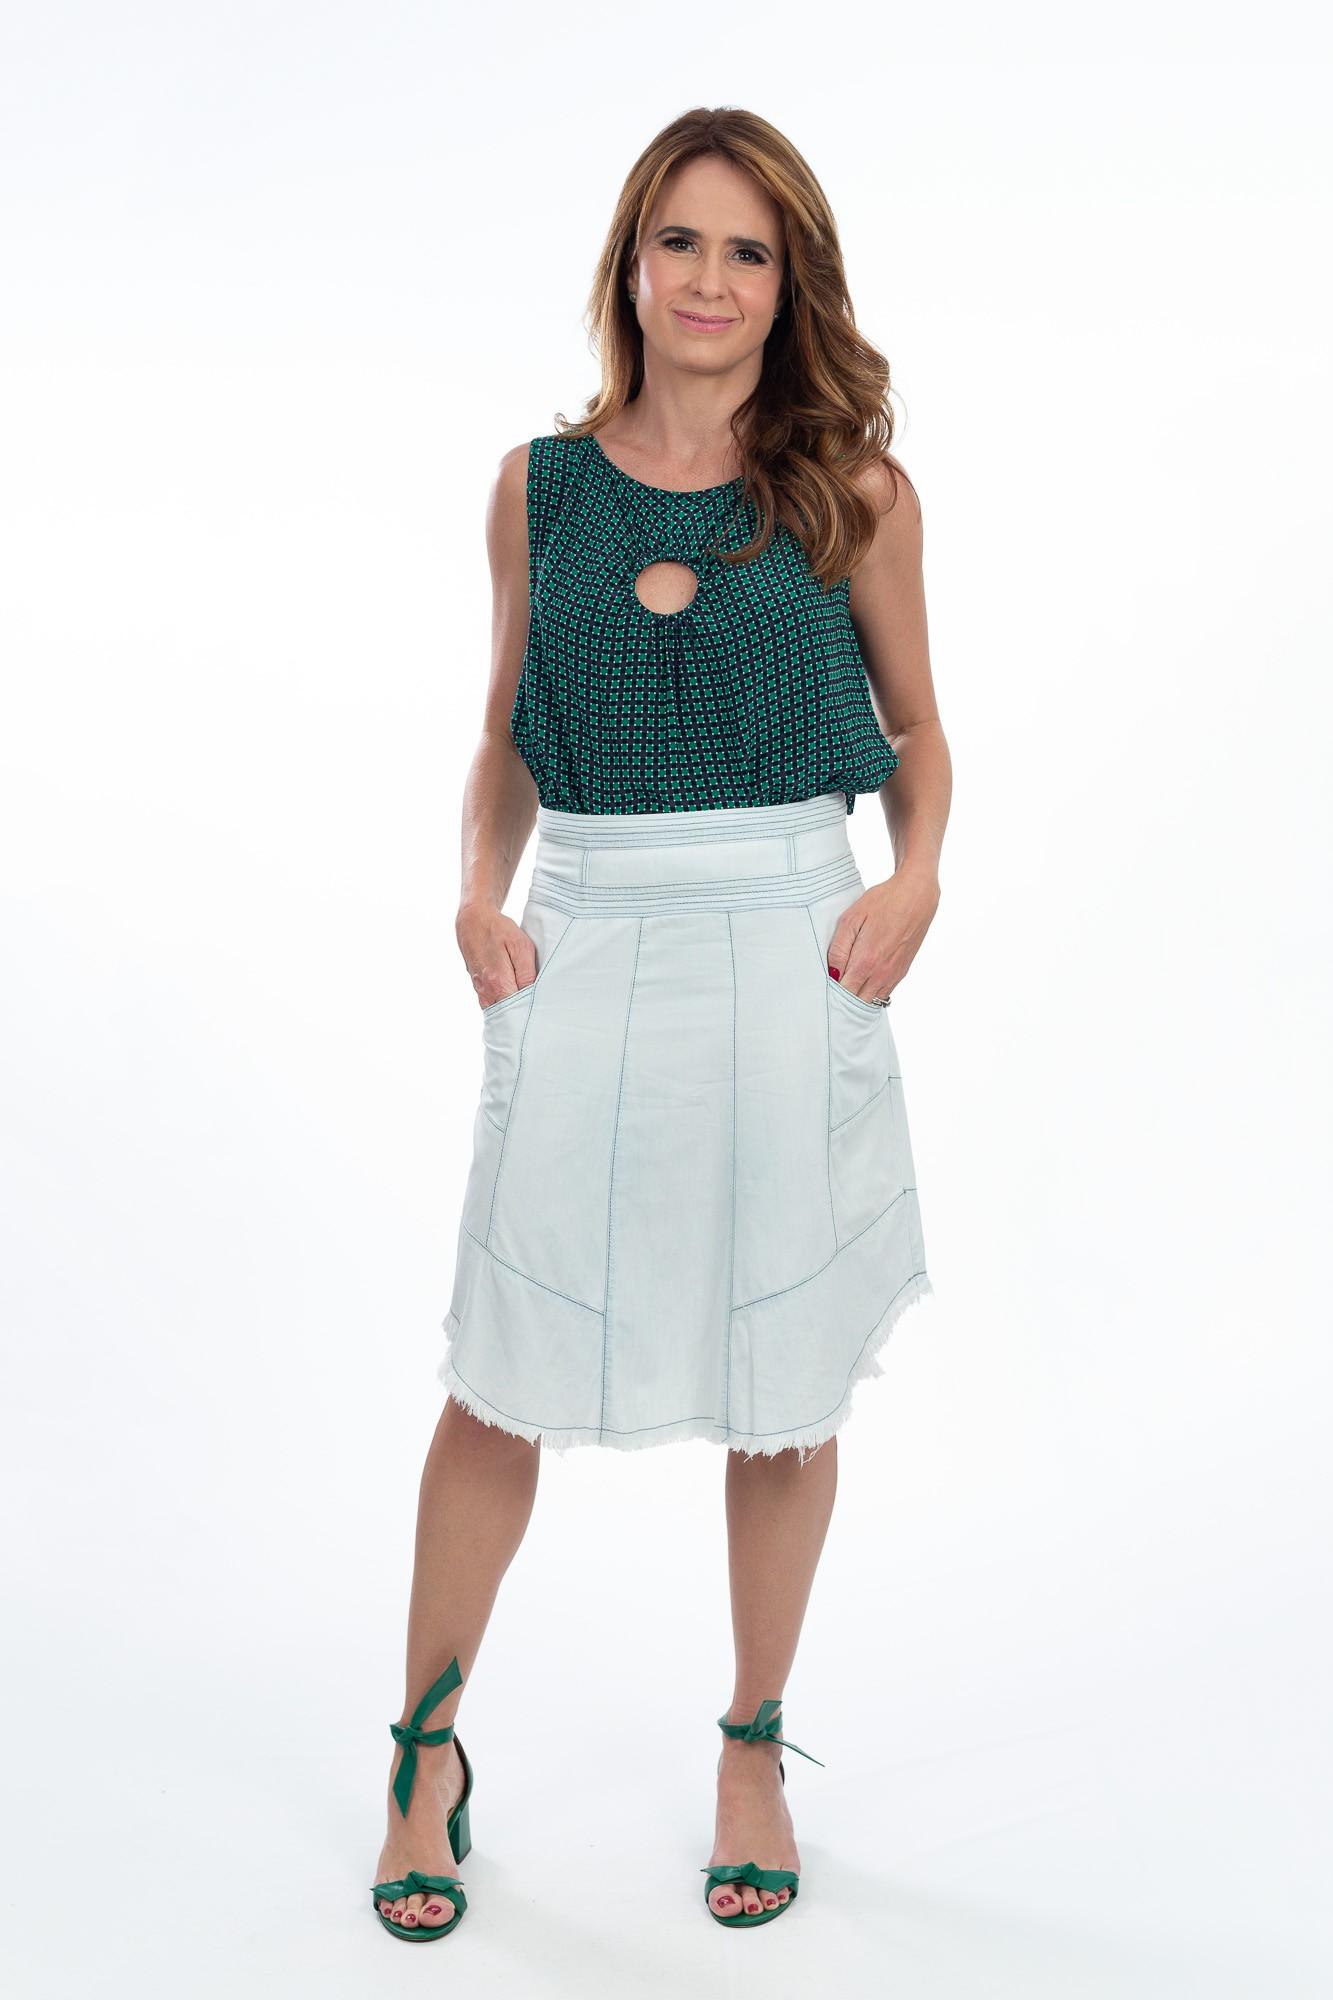 Blusa seda marinho estampa quadriculada verde A.Brand tam 38